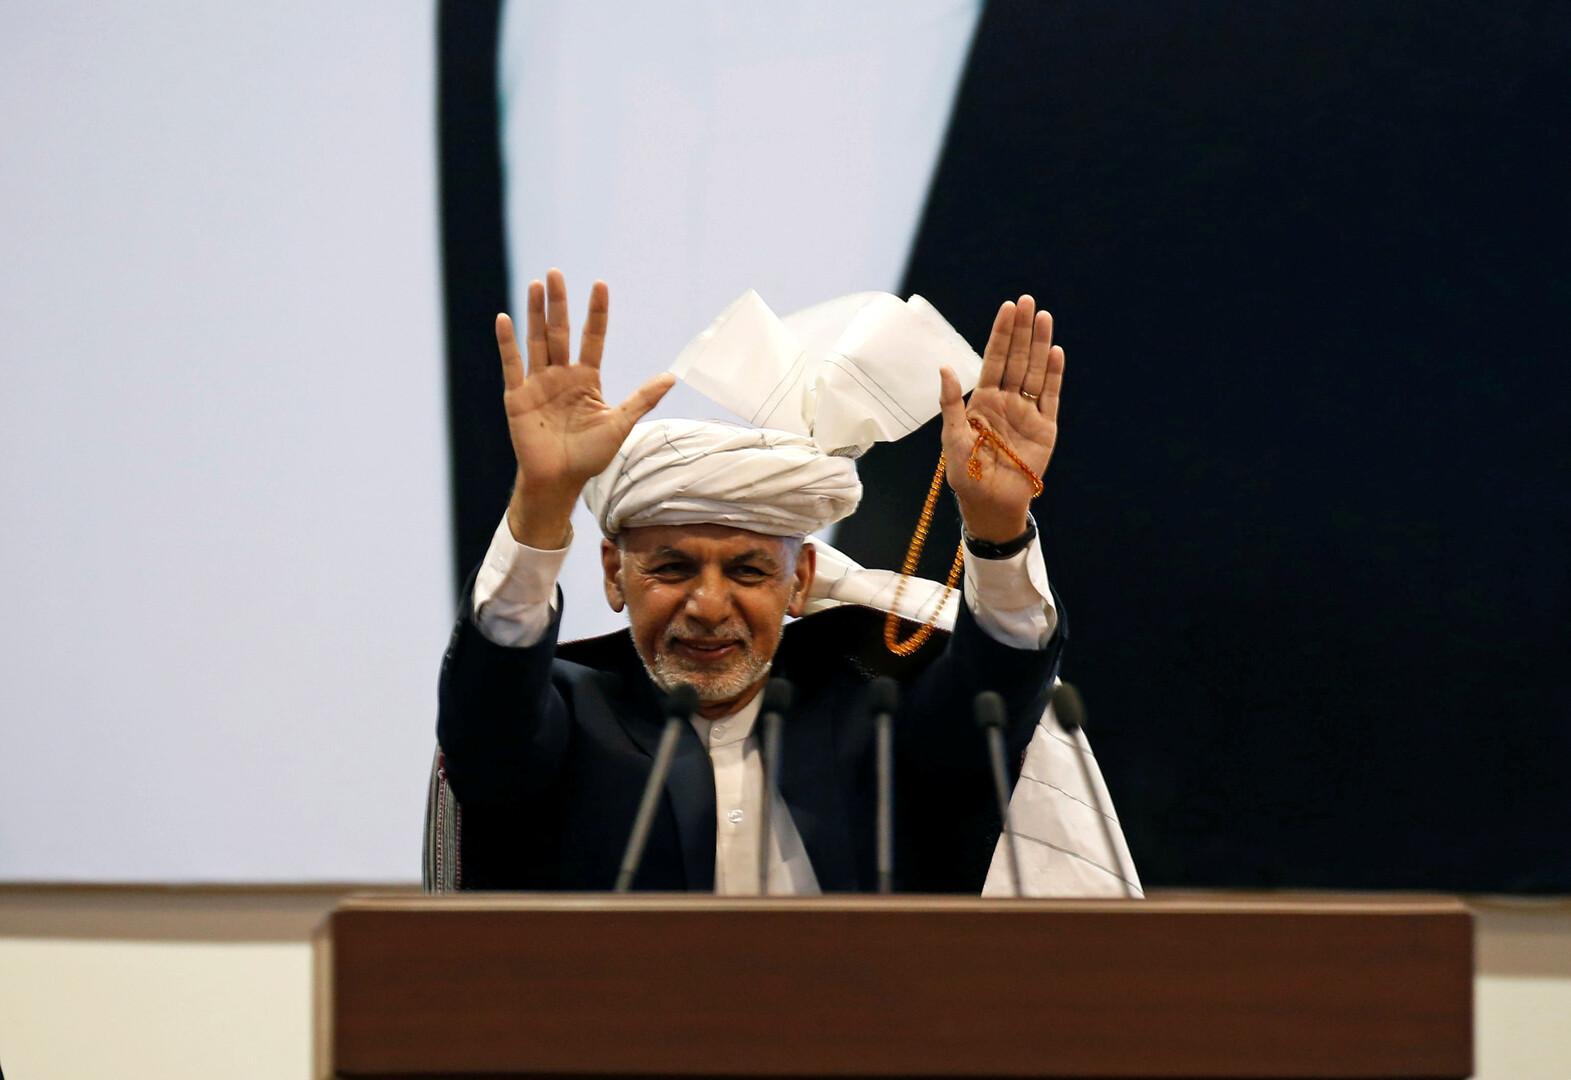 الرئيس الأفغاني يتسلم مسودة